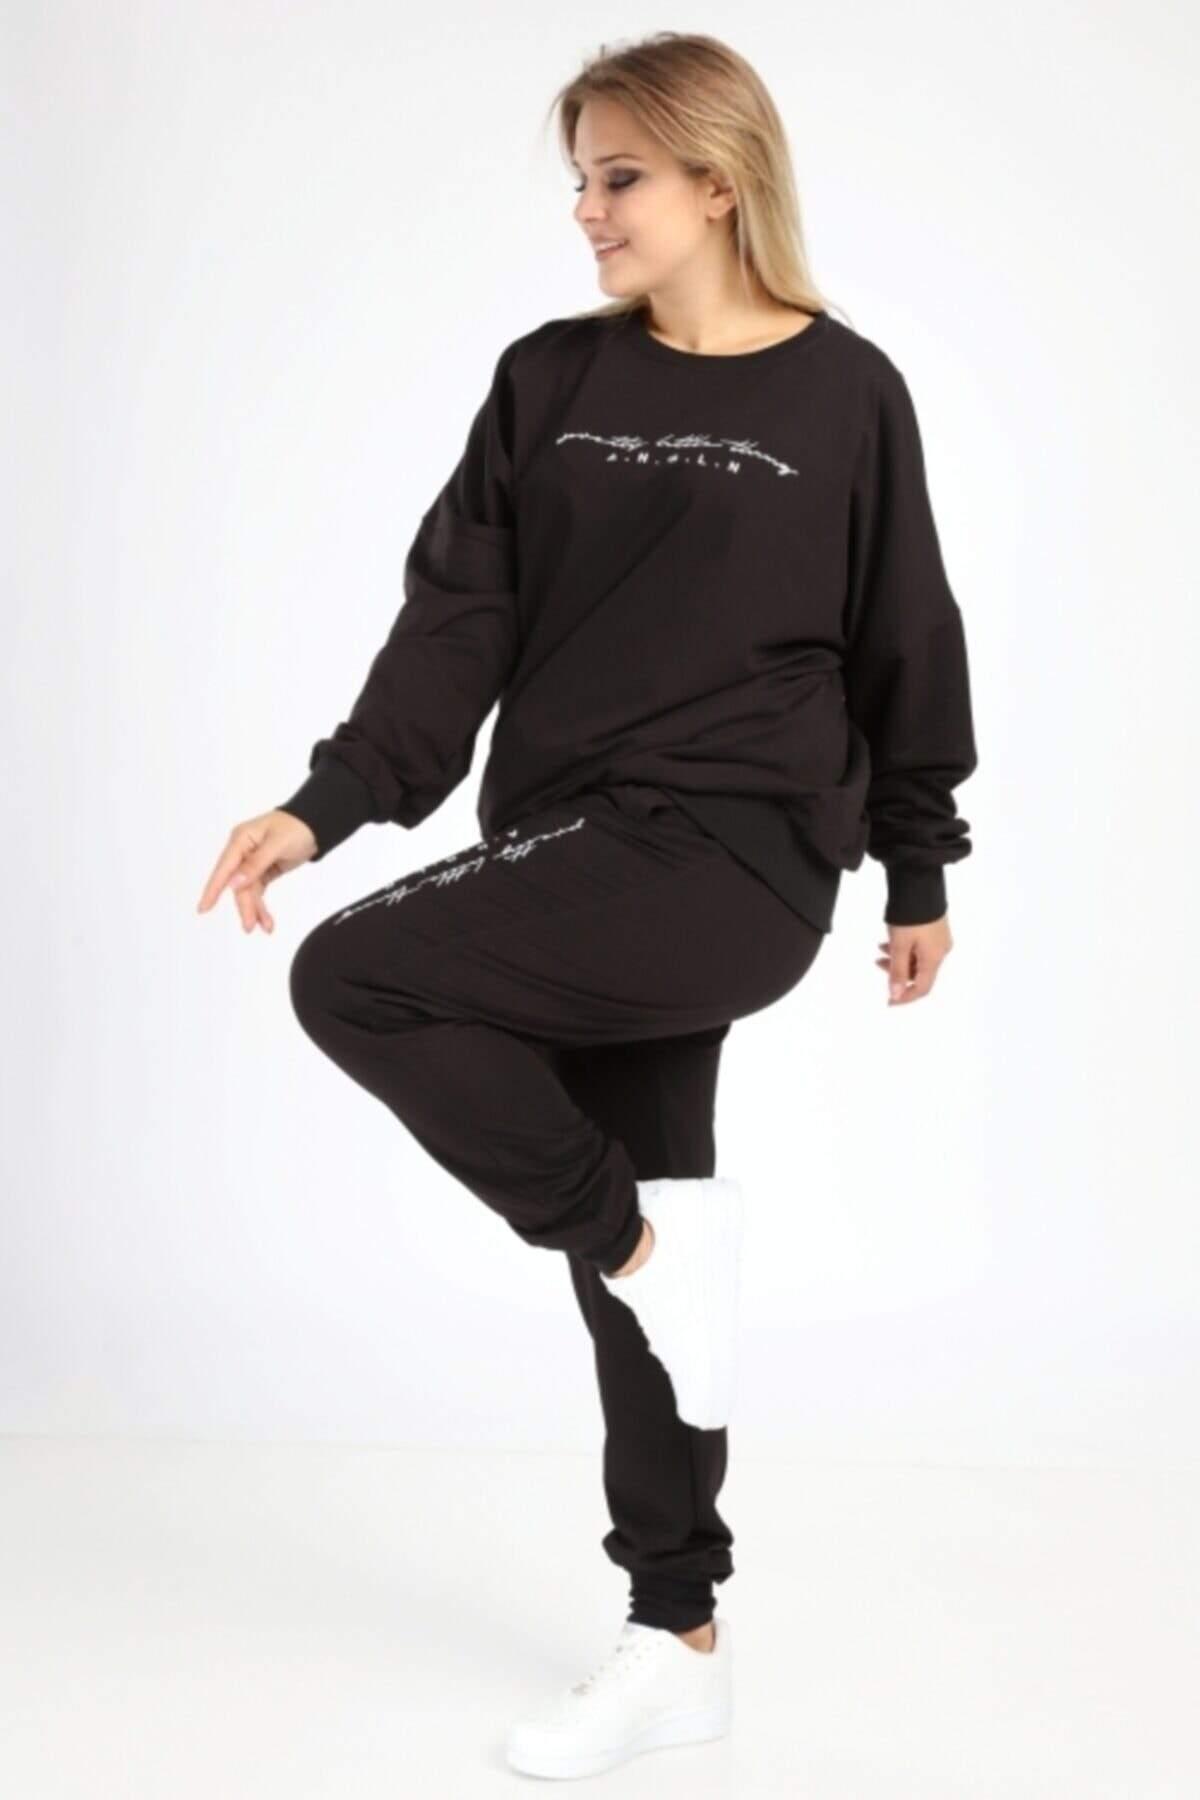 Angelino Büyük Beden Siyah Spor Giyim Eşofman Takım 2525